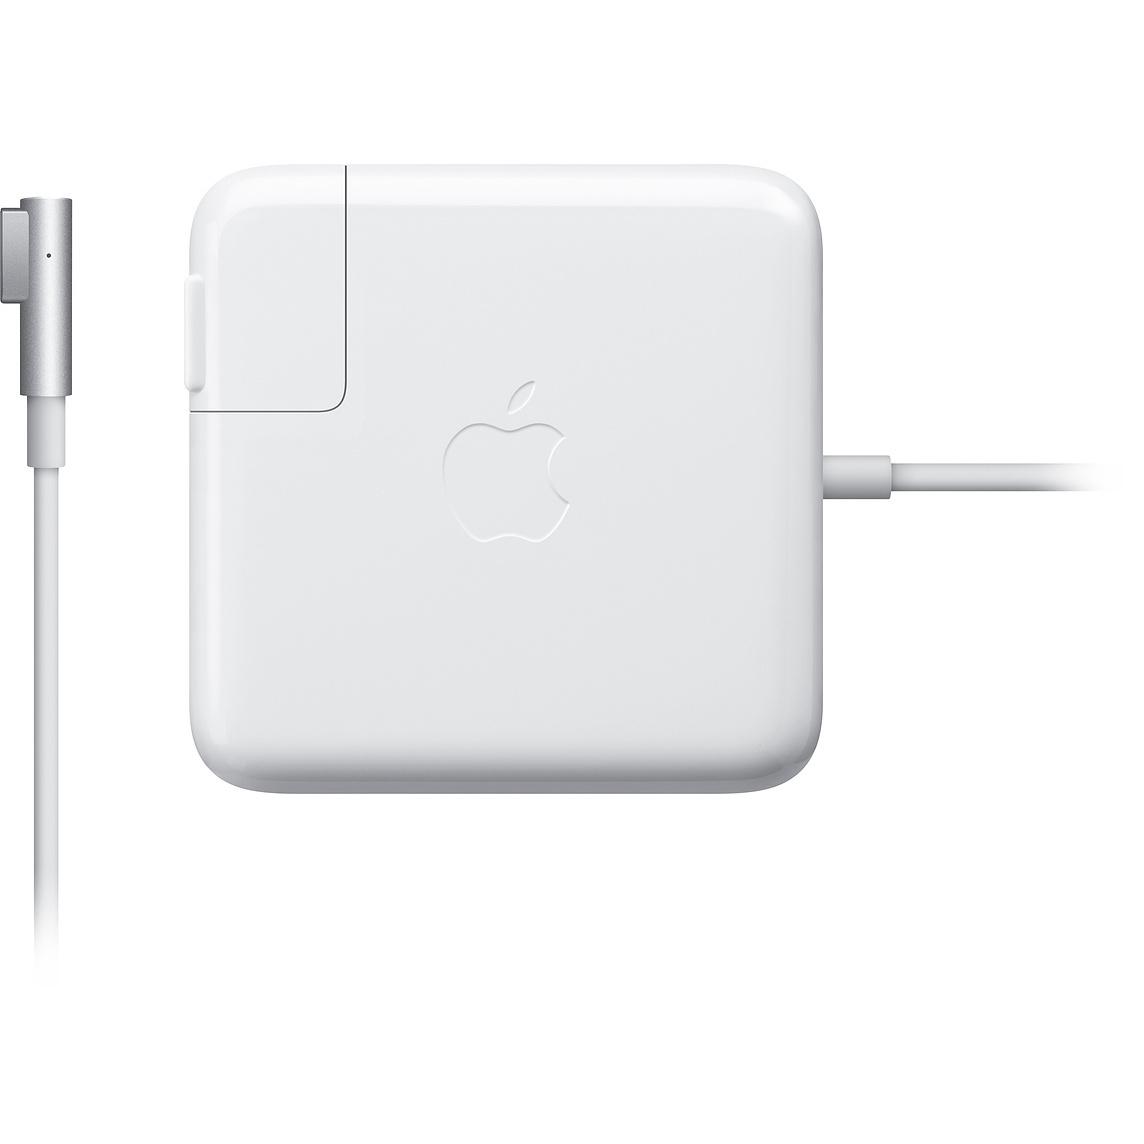 Адаптер питания Apple MagSafe 60 Вт для MacBook и 13-дюймового MacBook Pro